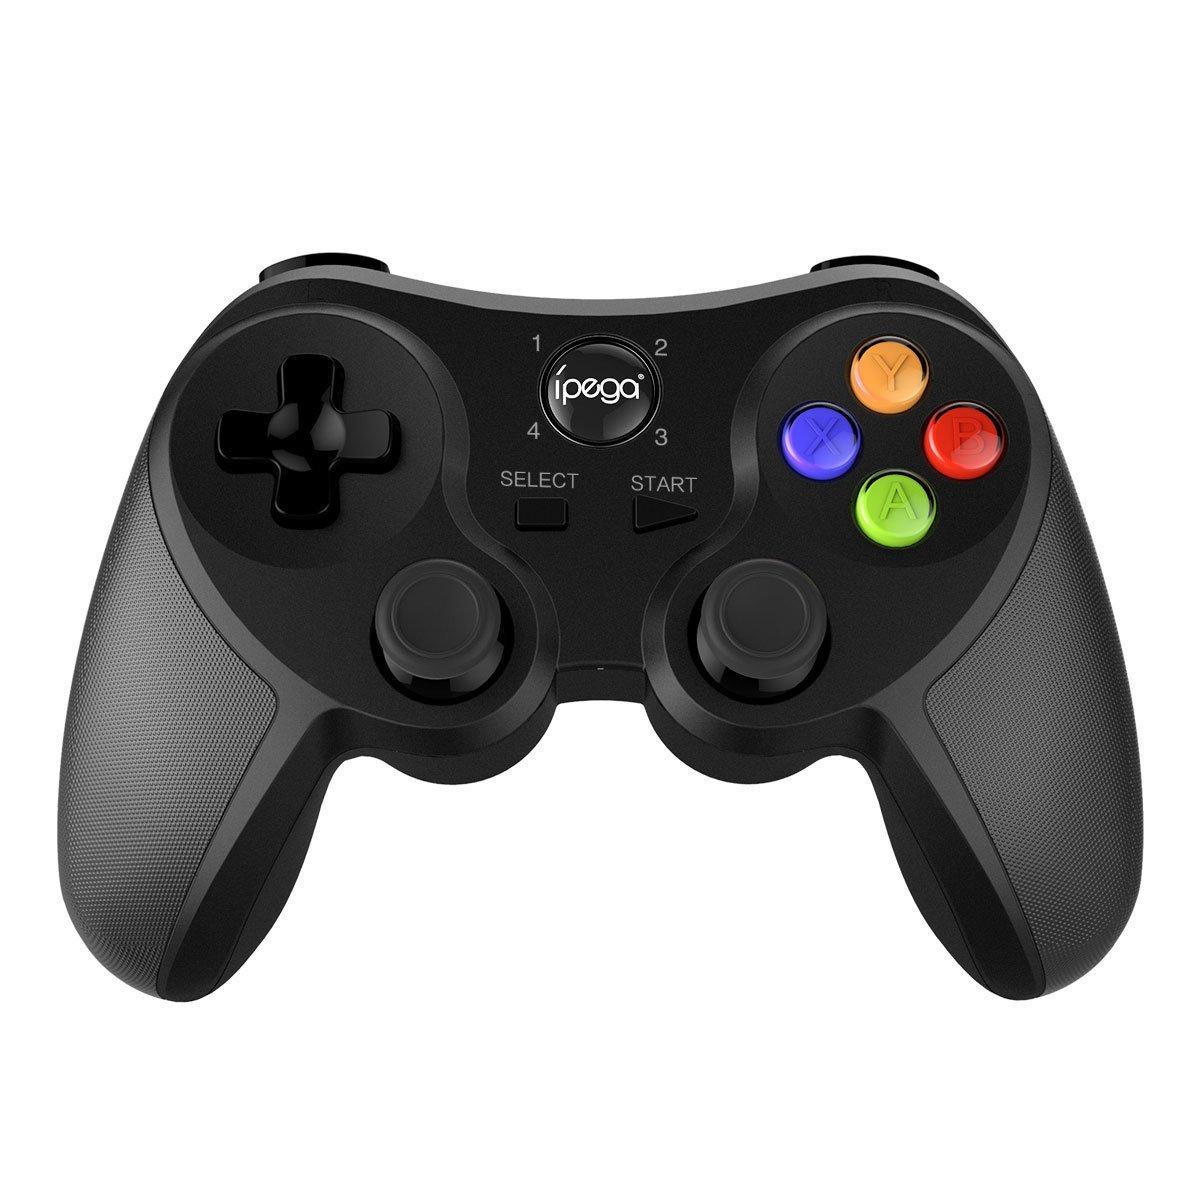 Tay cầm chơi game  Moveski Bluetooth không dây, trò chơi cầm 9078 General iOS Android hỗ trợ trò chơ